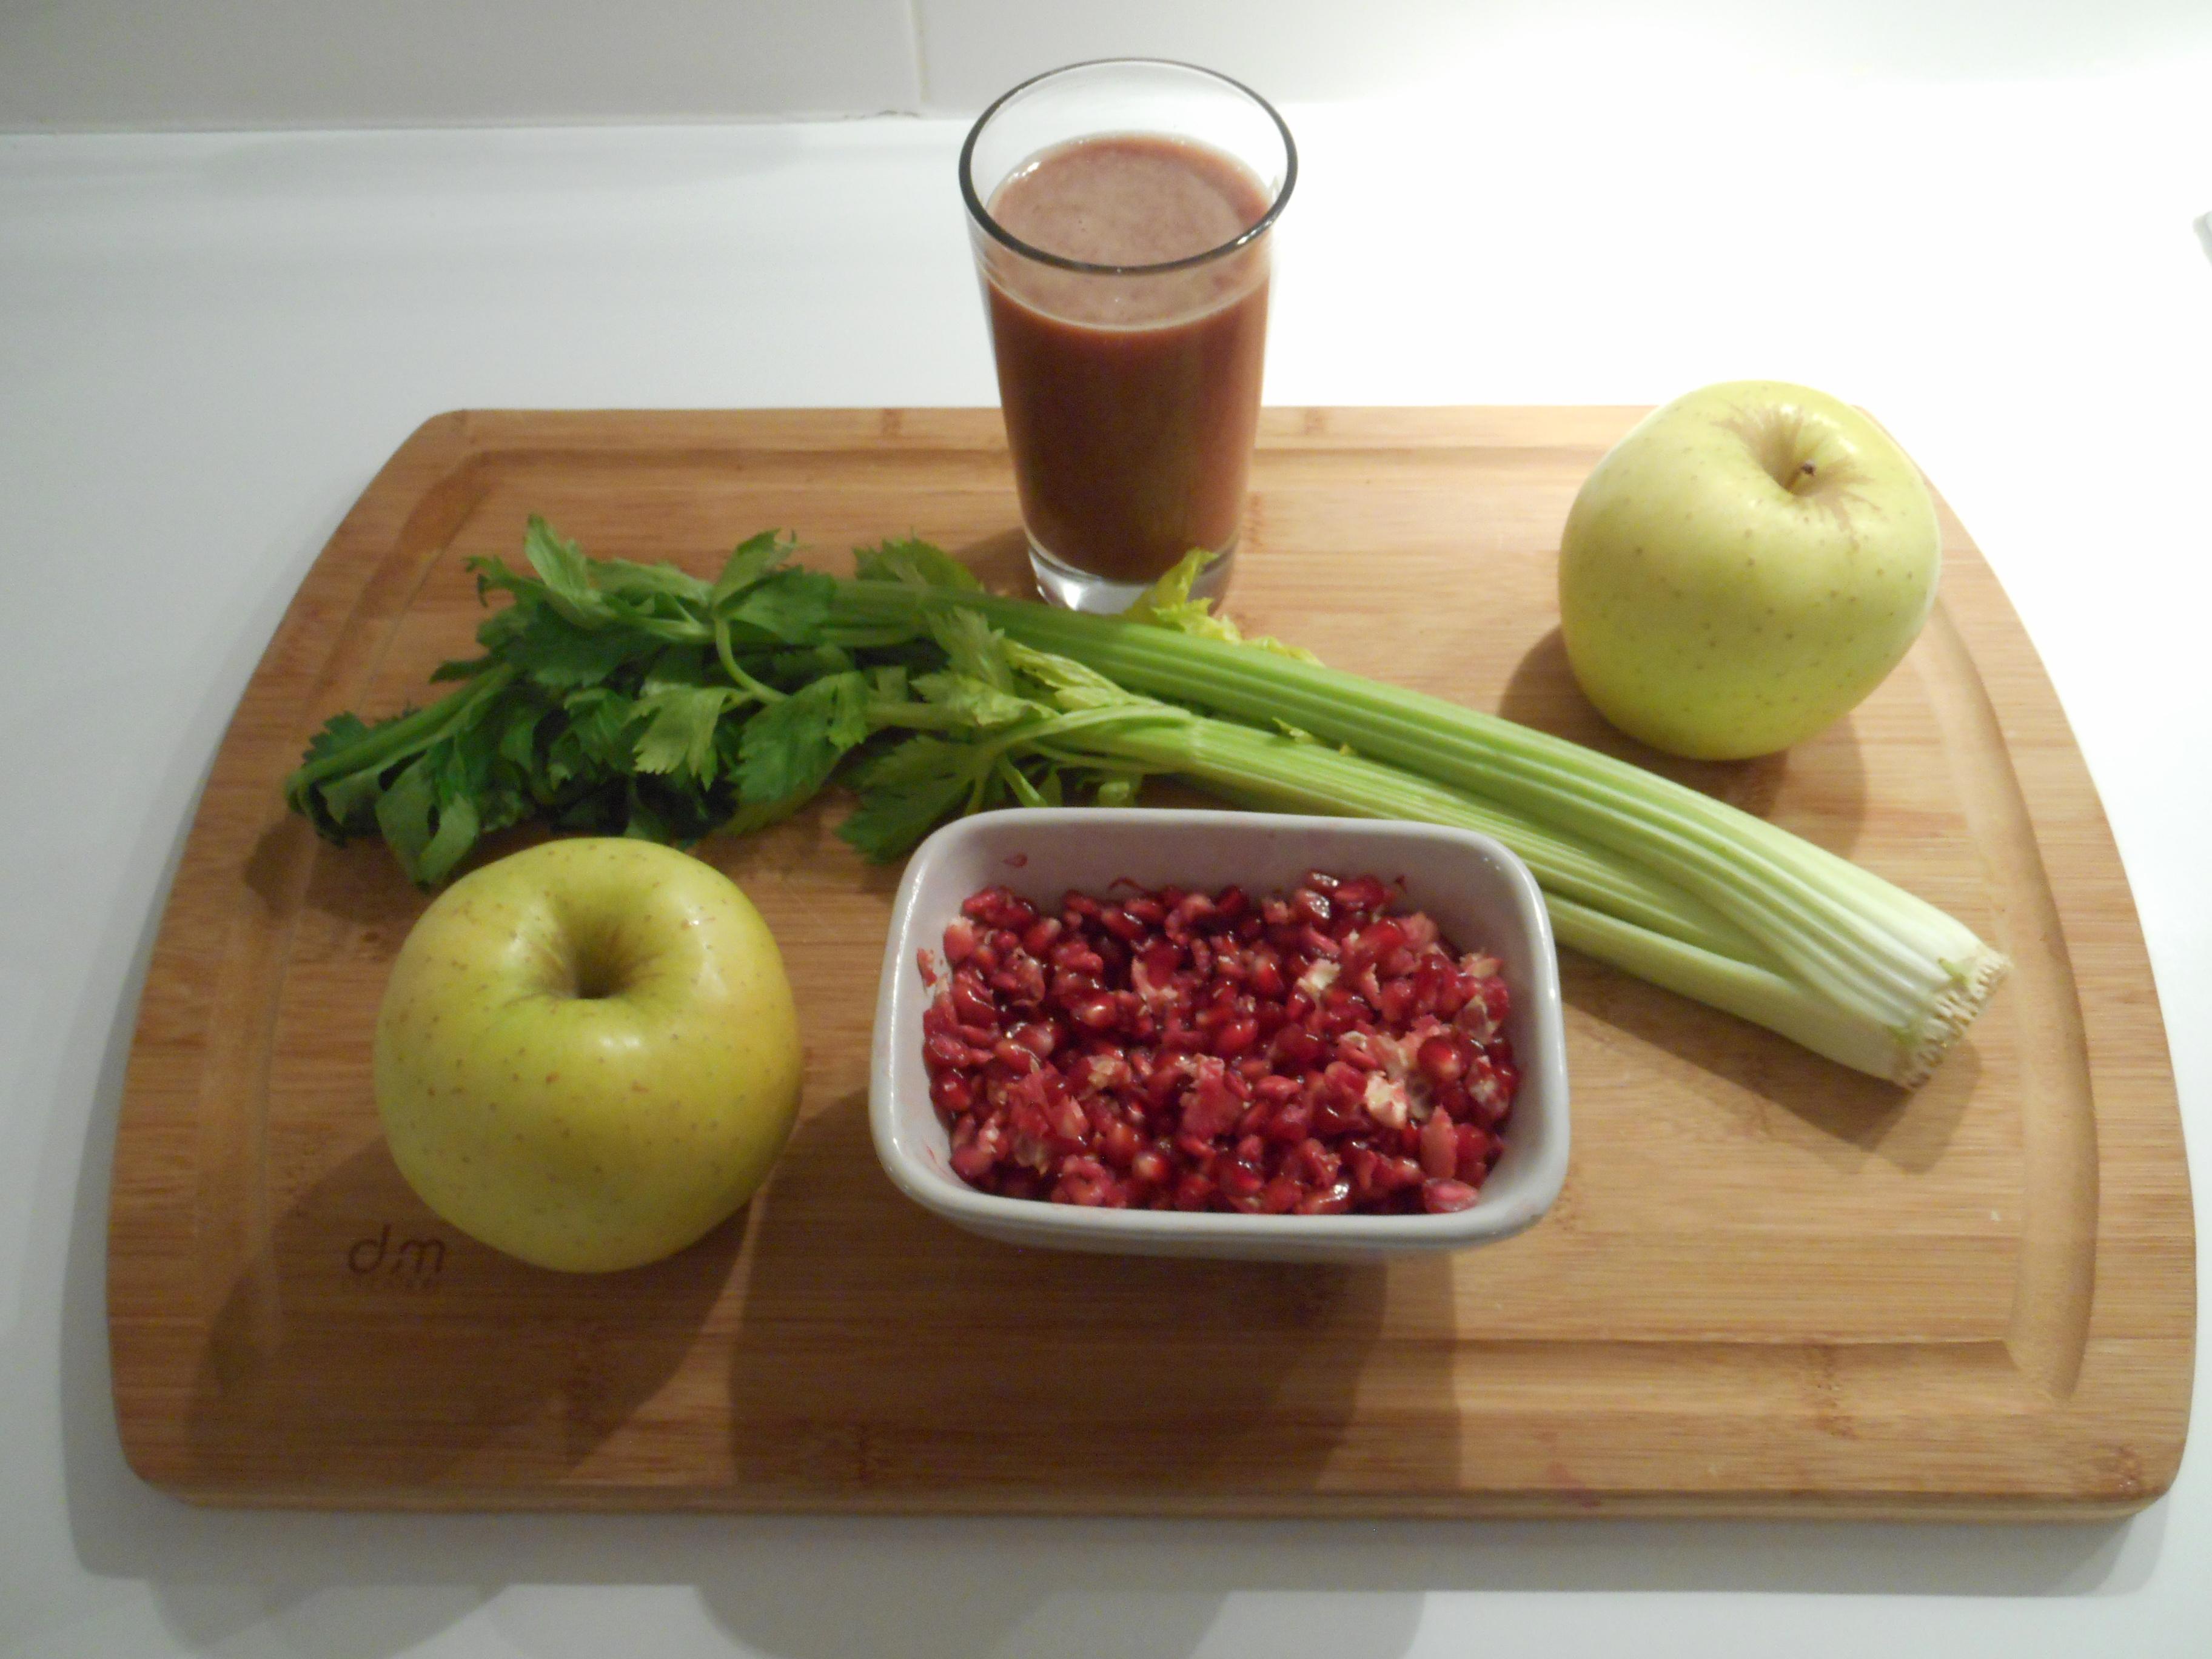 La recette du jus c leri pomme grenade rapide pr parer - Jus de choucroute bienfaits ...